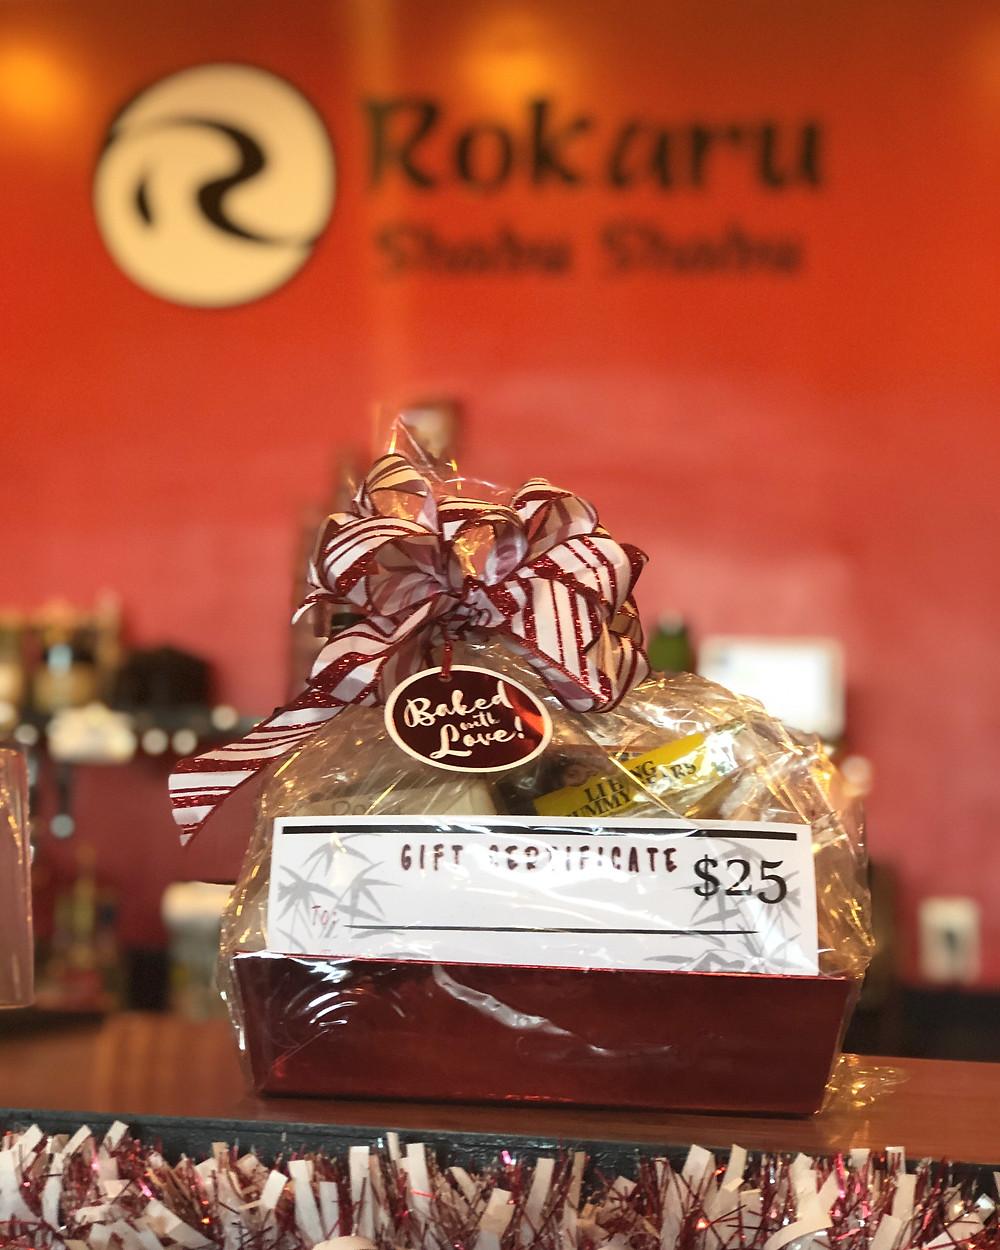 Gift basket at Rokaru Shabu Shabu